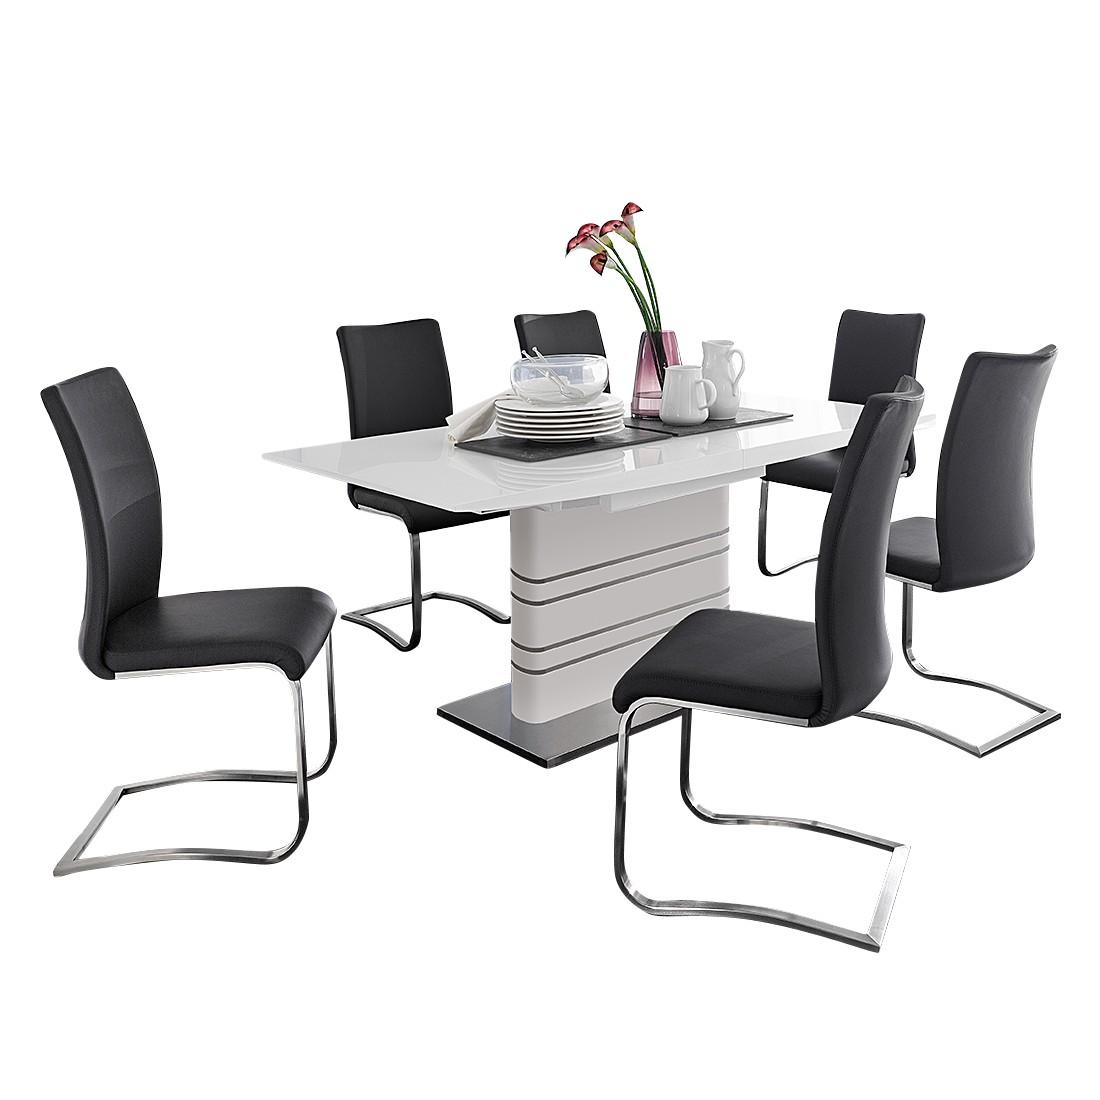 essgruppe french 7 teilig hochglanz wei kunstleder schwarz. Black Bedroom Furniture Sets. Home Design Ideas